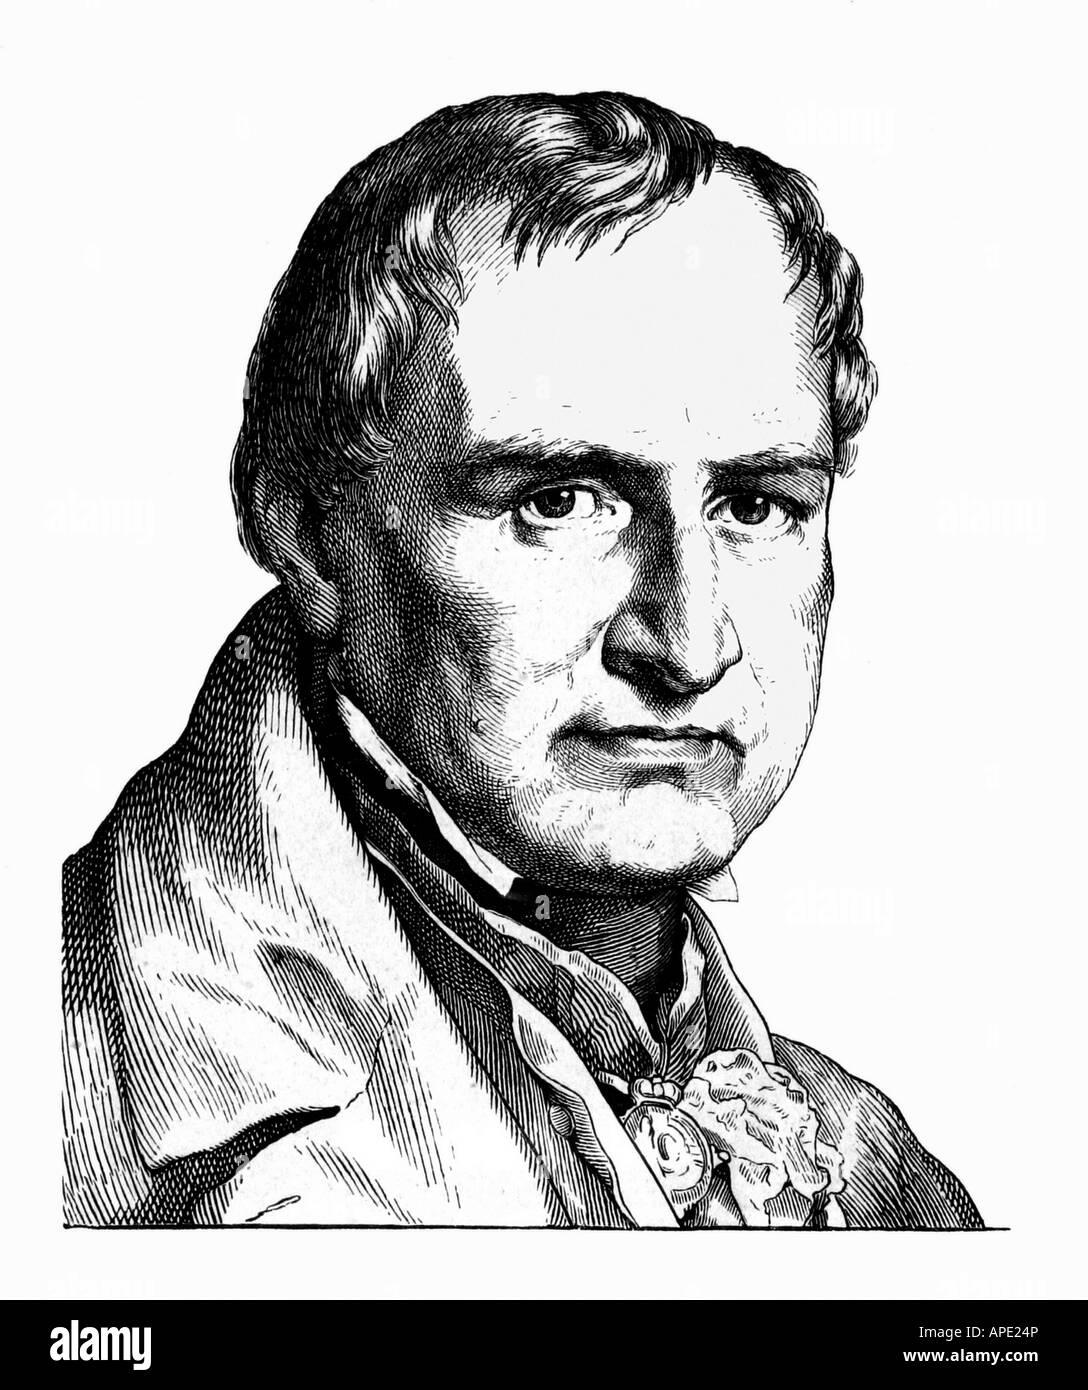 Buch, Christian Leopold von, 26. 4.1774 - 4.3.1853, il geologo tedesco, ritratto, acciaio, incisione del XIX secolo, l'artista del diritto d'autore non deve essere cancellata Foto Stock